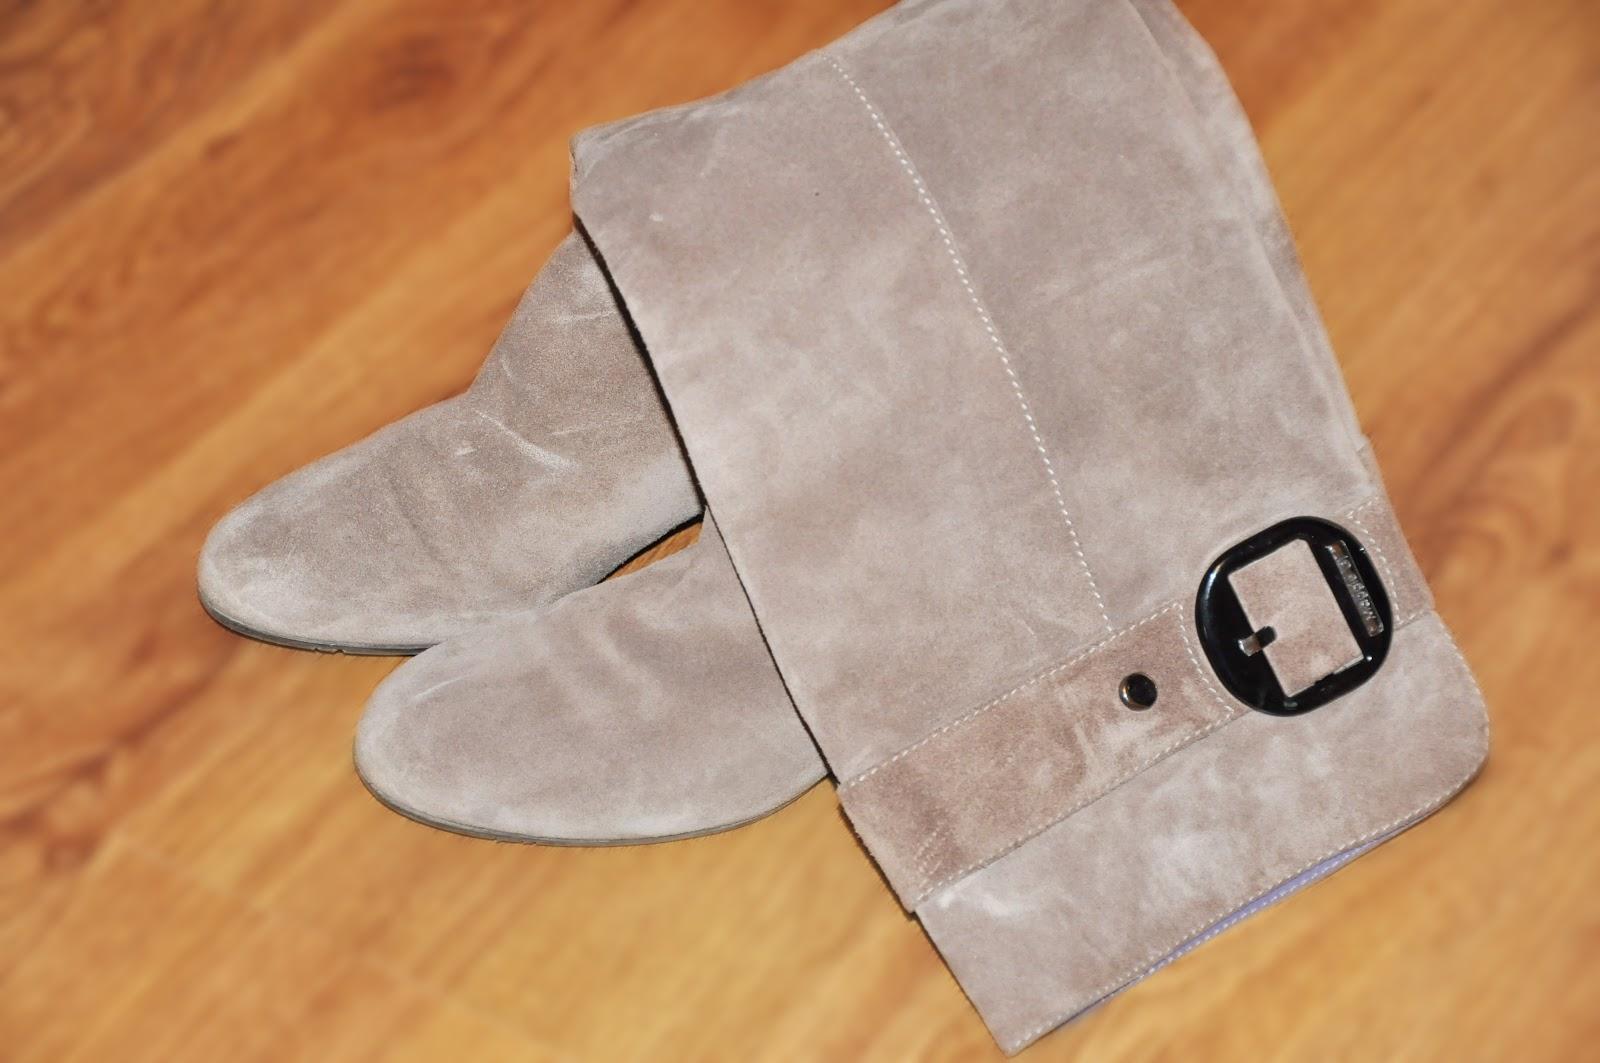 бежевые замшевые сапоги устойчивый каблук